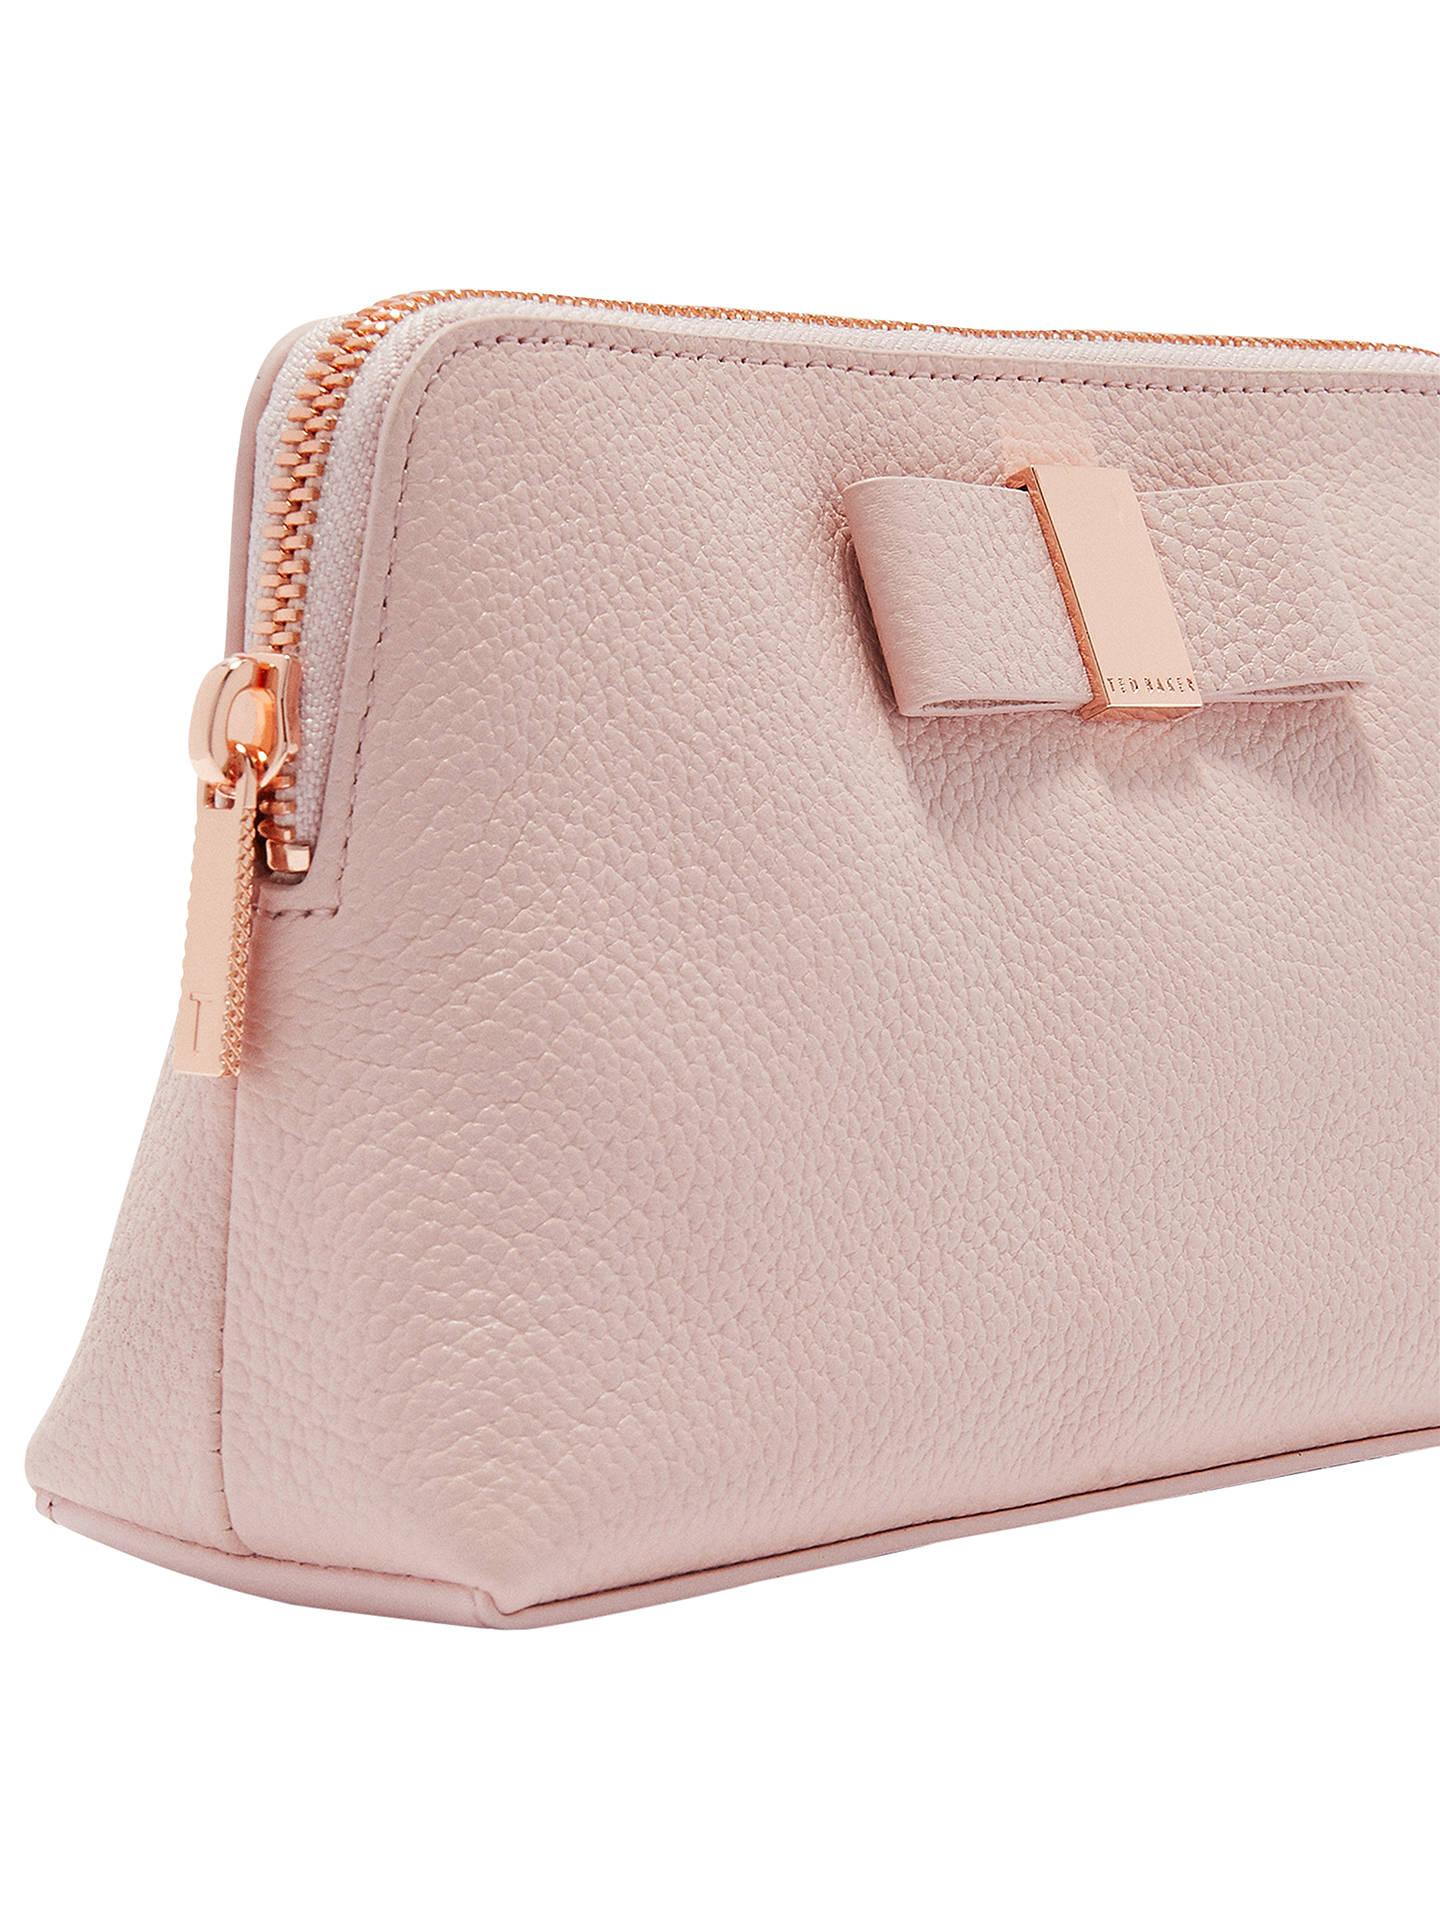 ca1f080d3b ... Buy Ted Baker Dennis Leather Bow Makeup Bag, Light Pink Online at  johnlewis.com